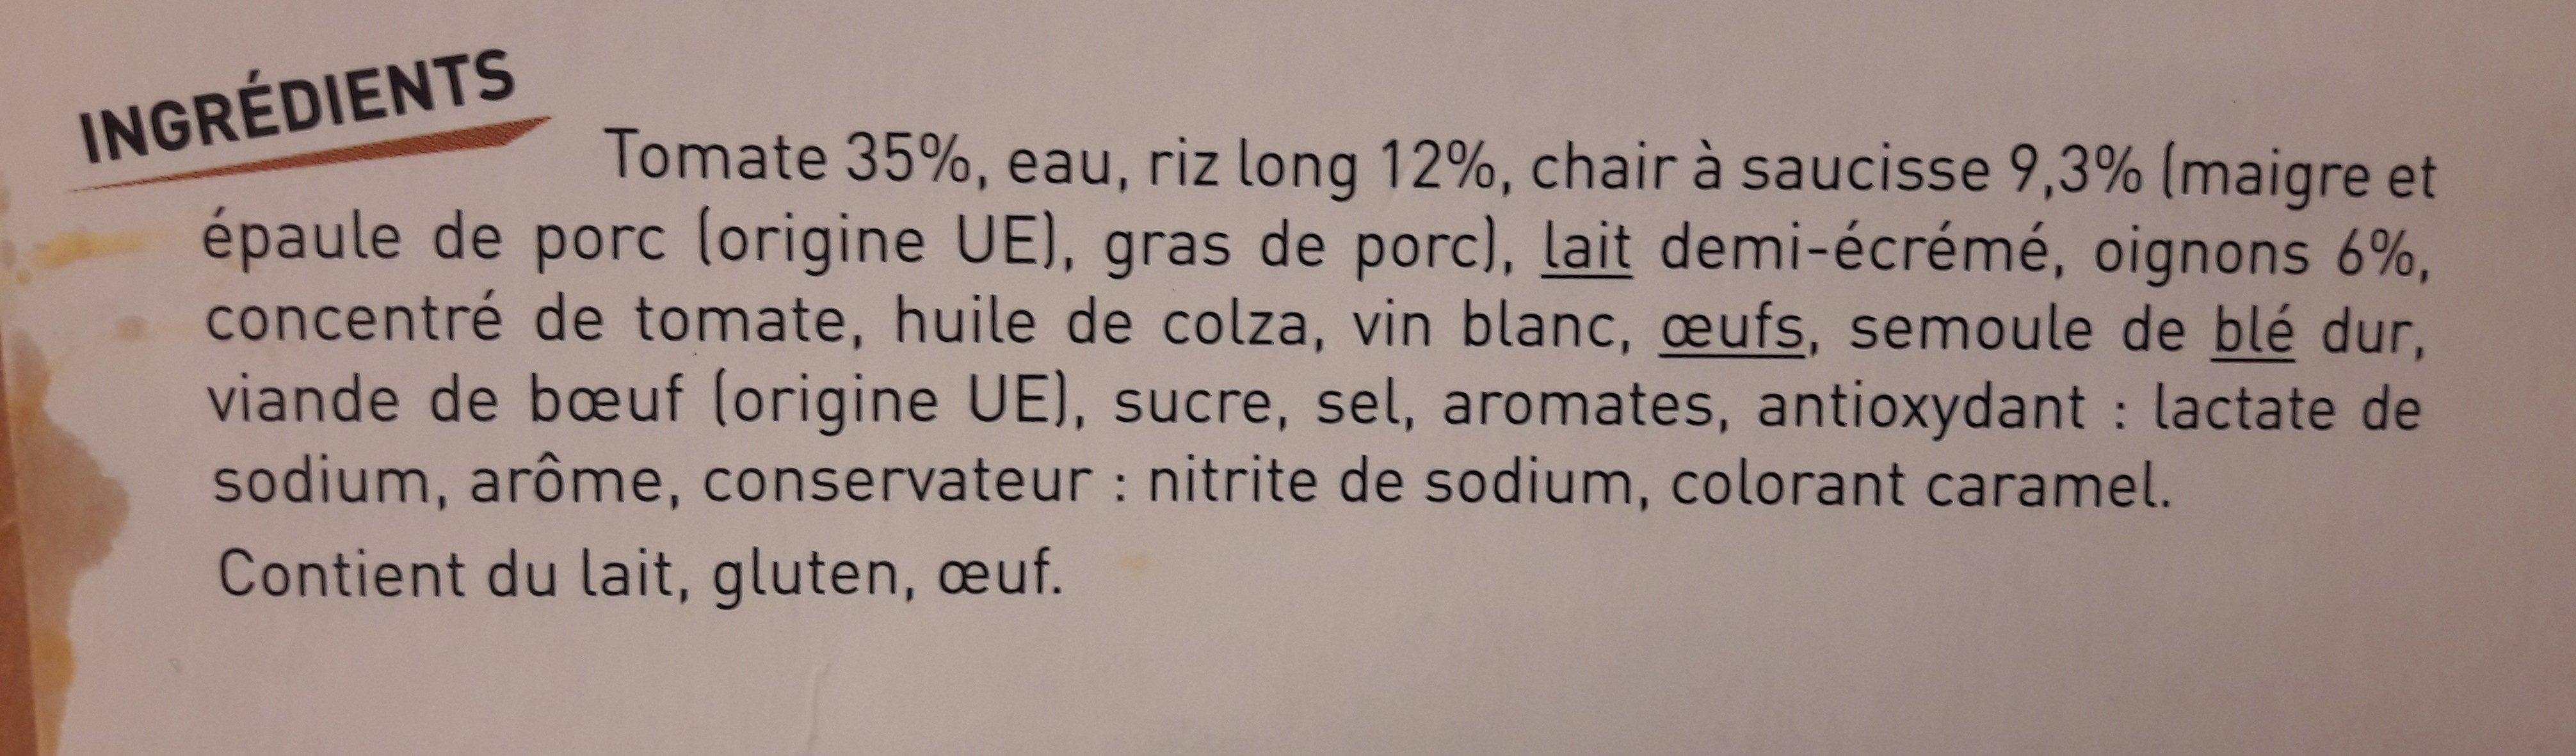 Tomate farcies et riz - Ingrédients